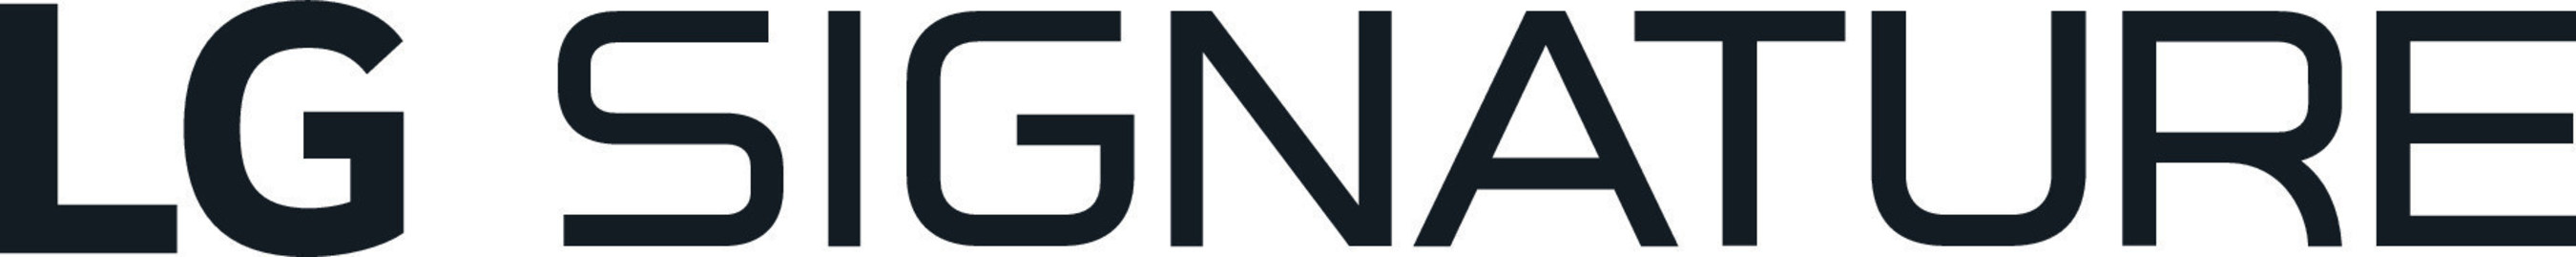 LG Signature Series Logo